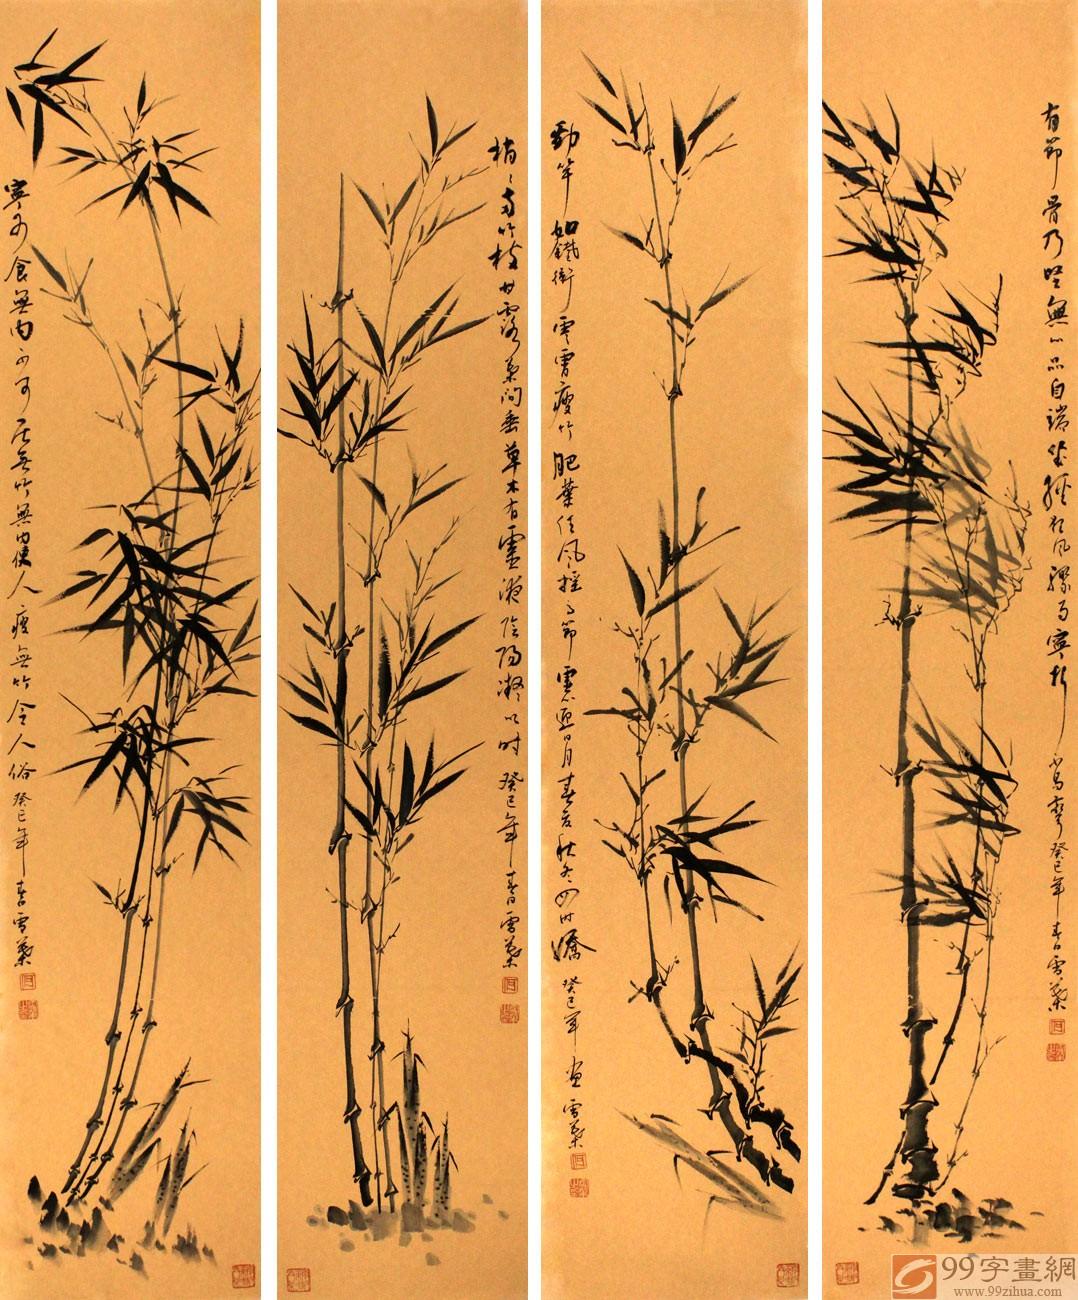 具有竹子品格的诗句